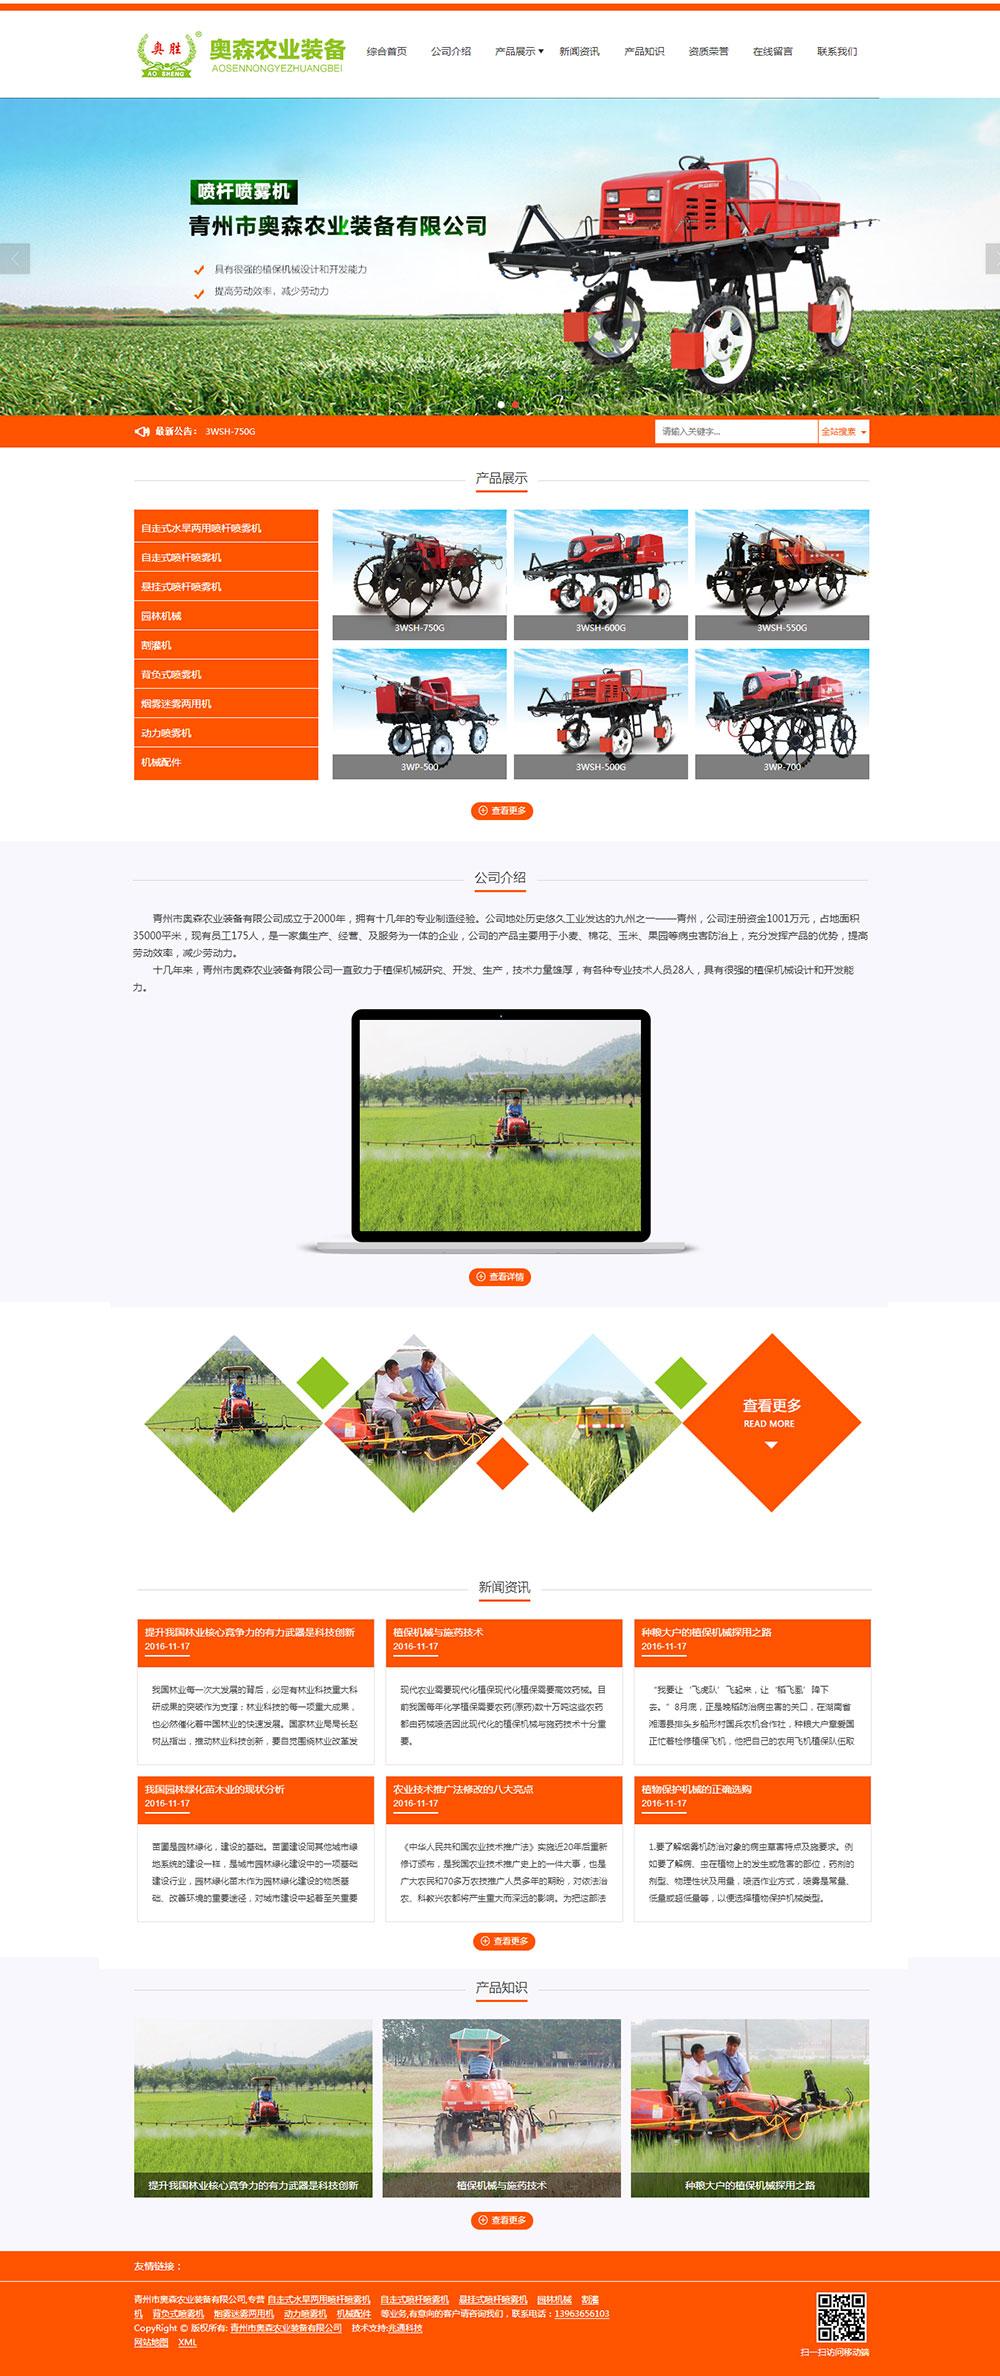 青州市奥森农业装备有限公司.jpg